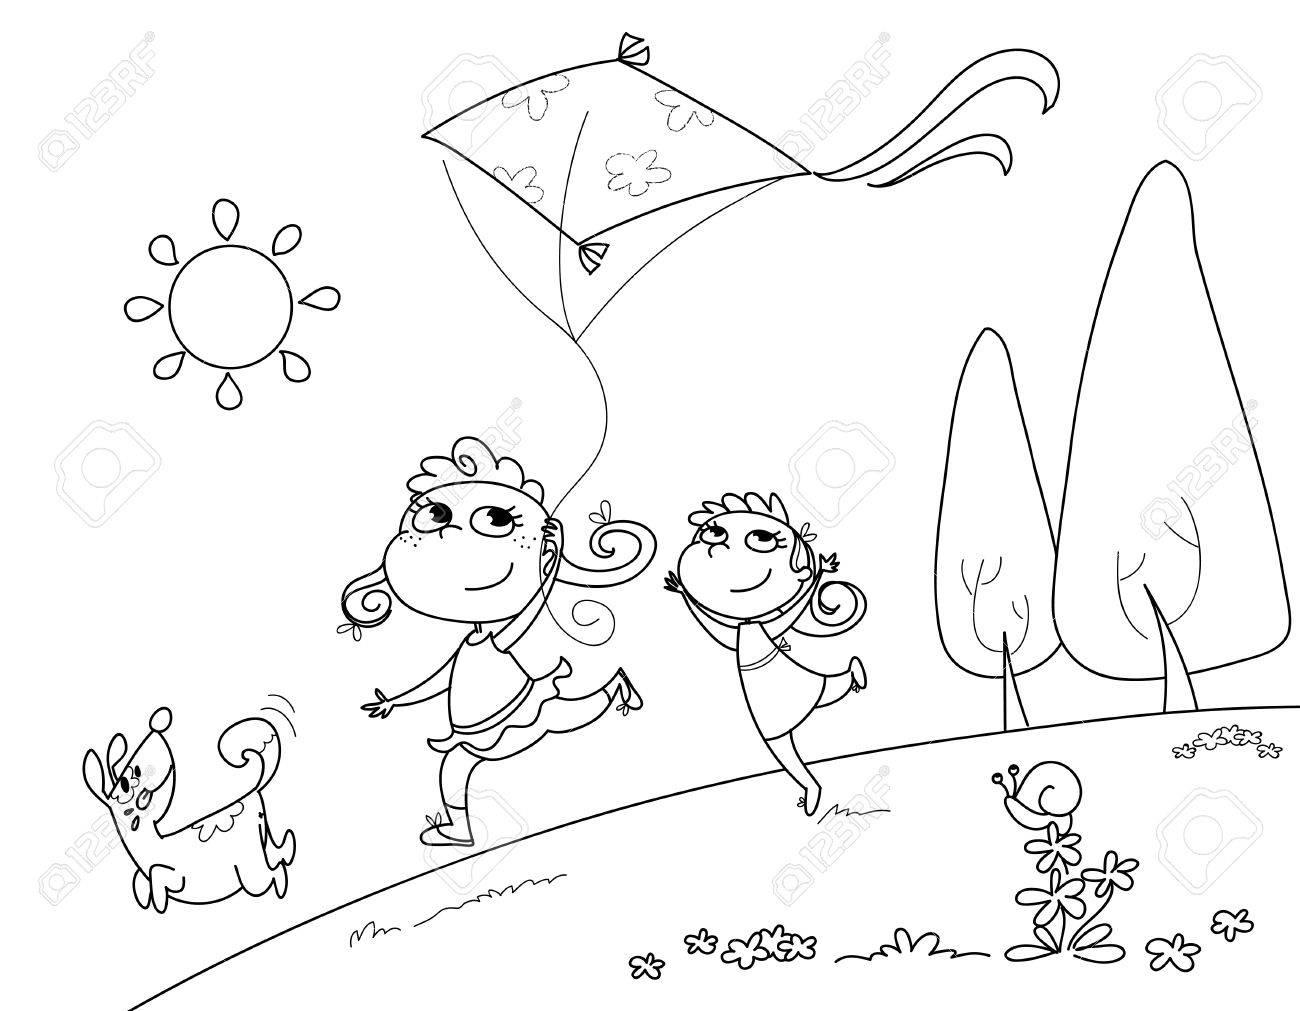 kite cartoon stock photos royalty free kite cartoon images and